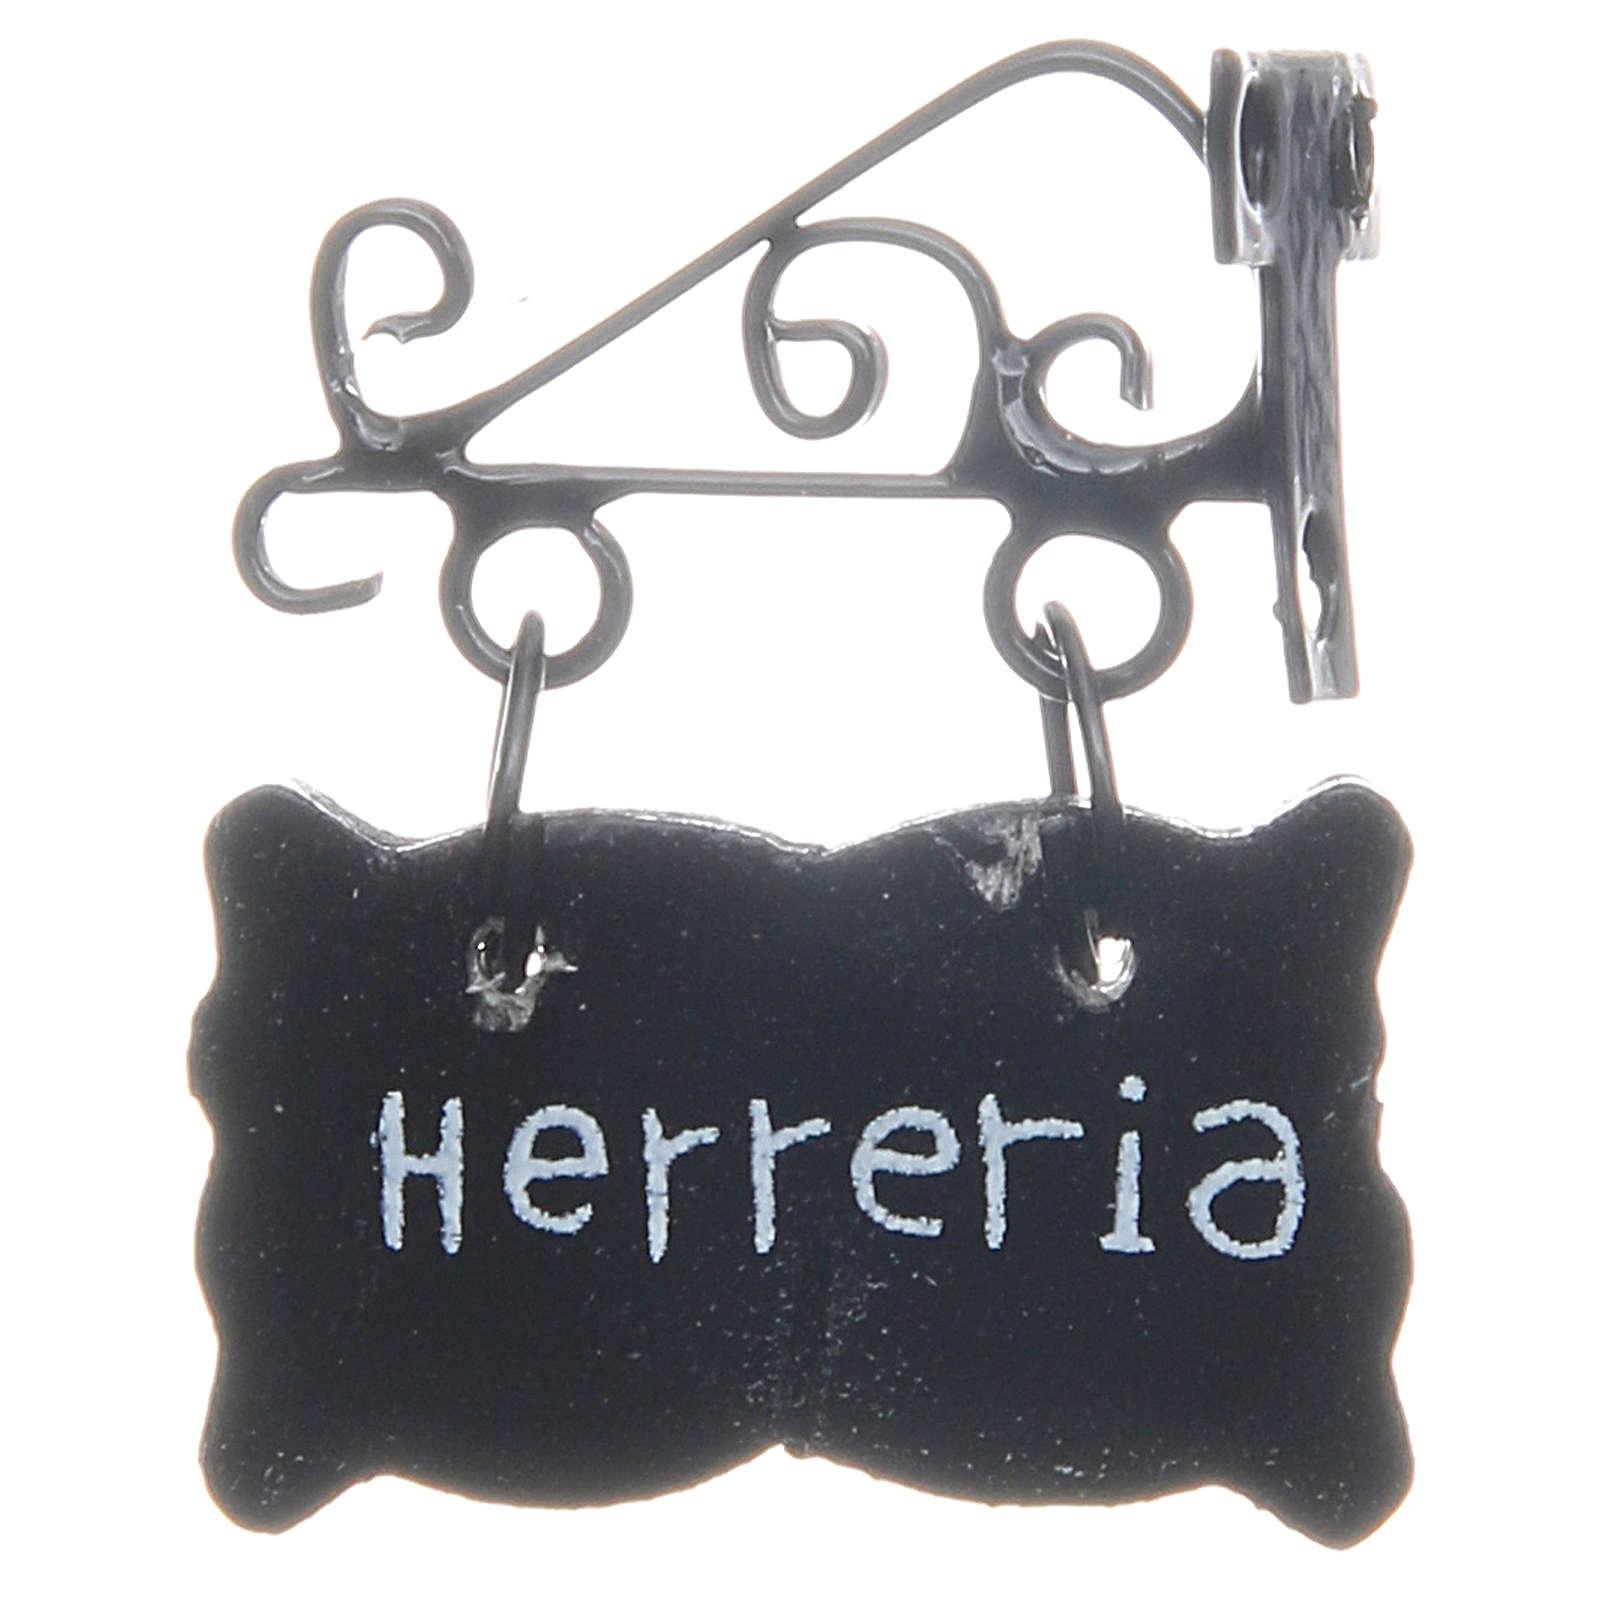 Insegna Herreria (fabbro) in SPAGNOLO per presepe 4